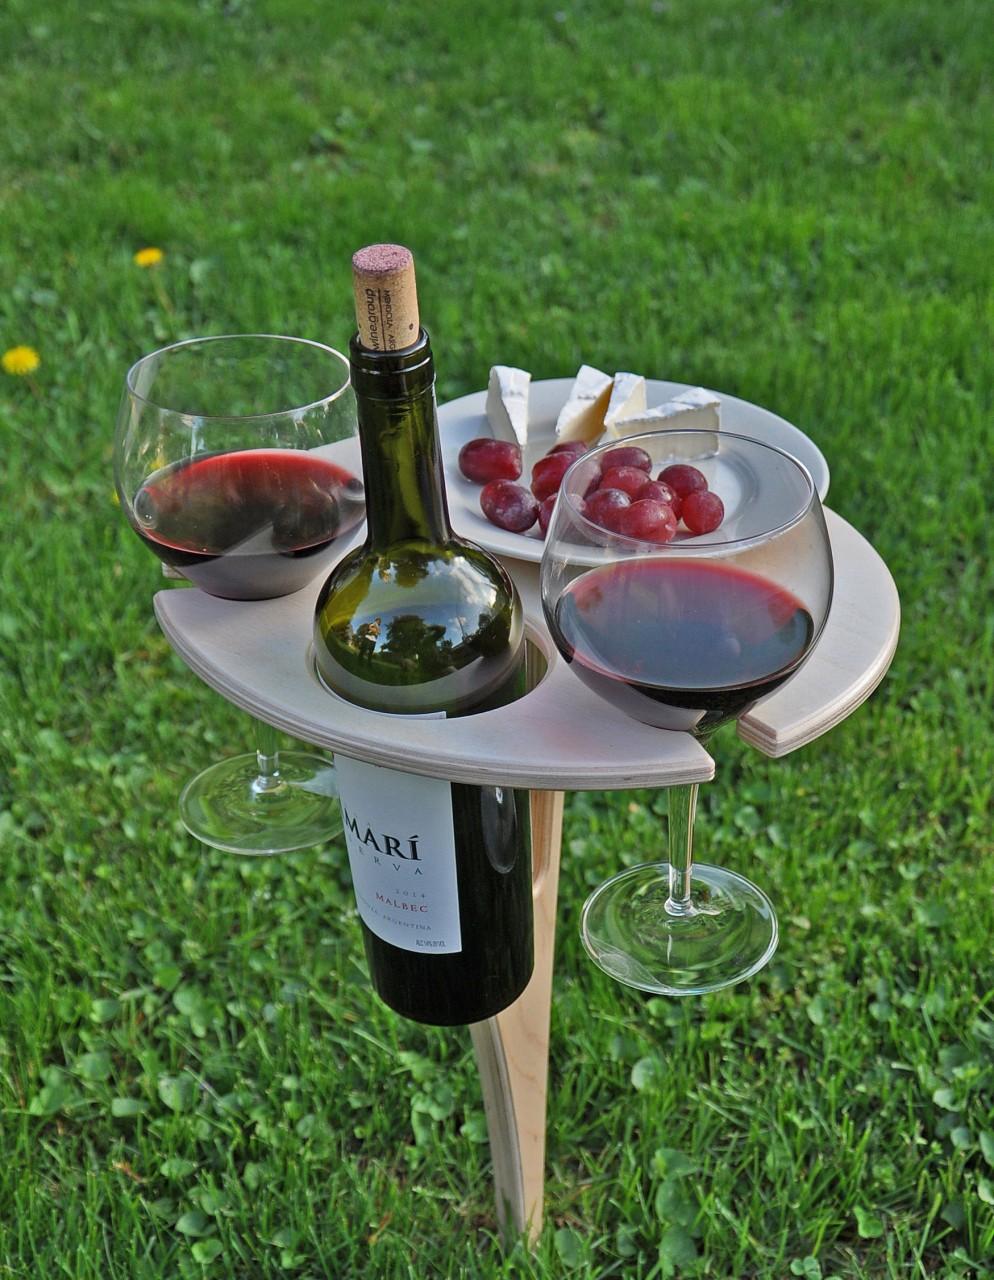 ИНТЕРЕСНАЯ ИДЕЯ: Раскладной столик для вина